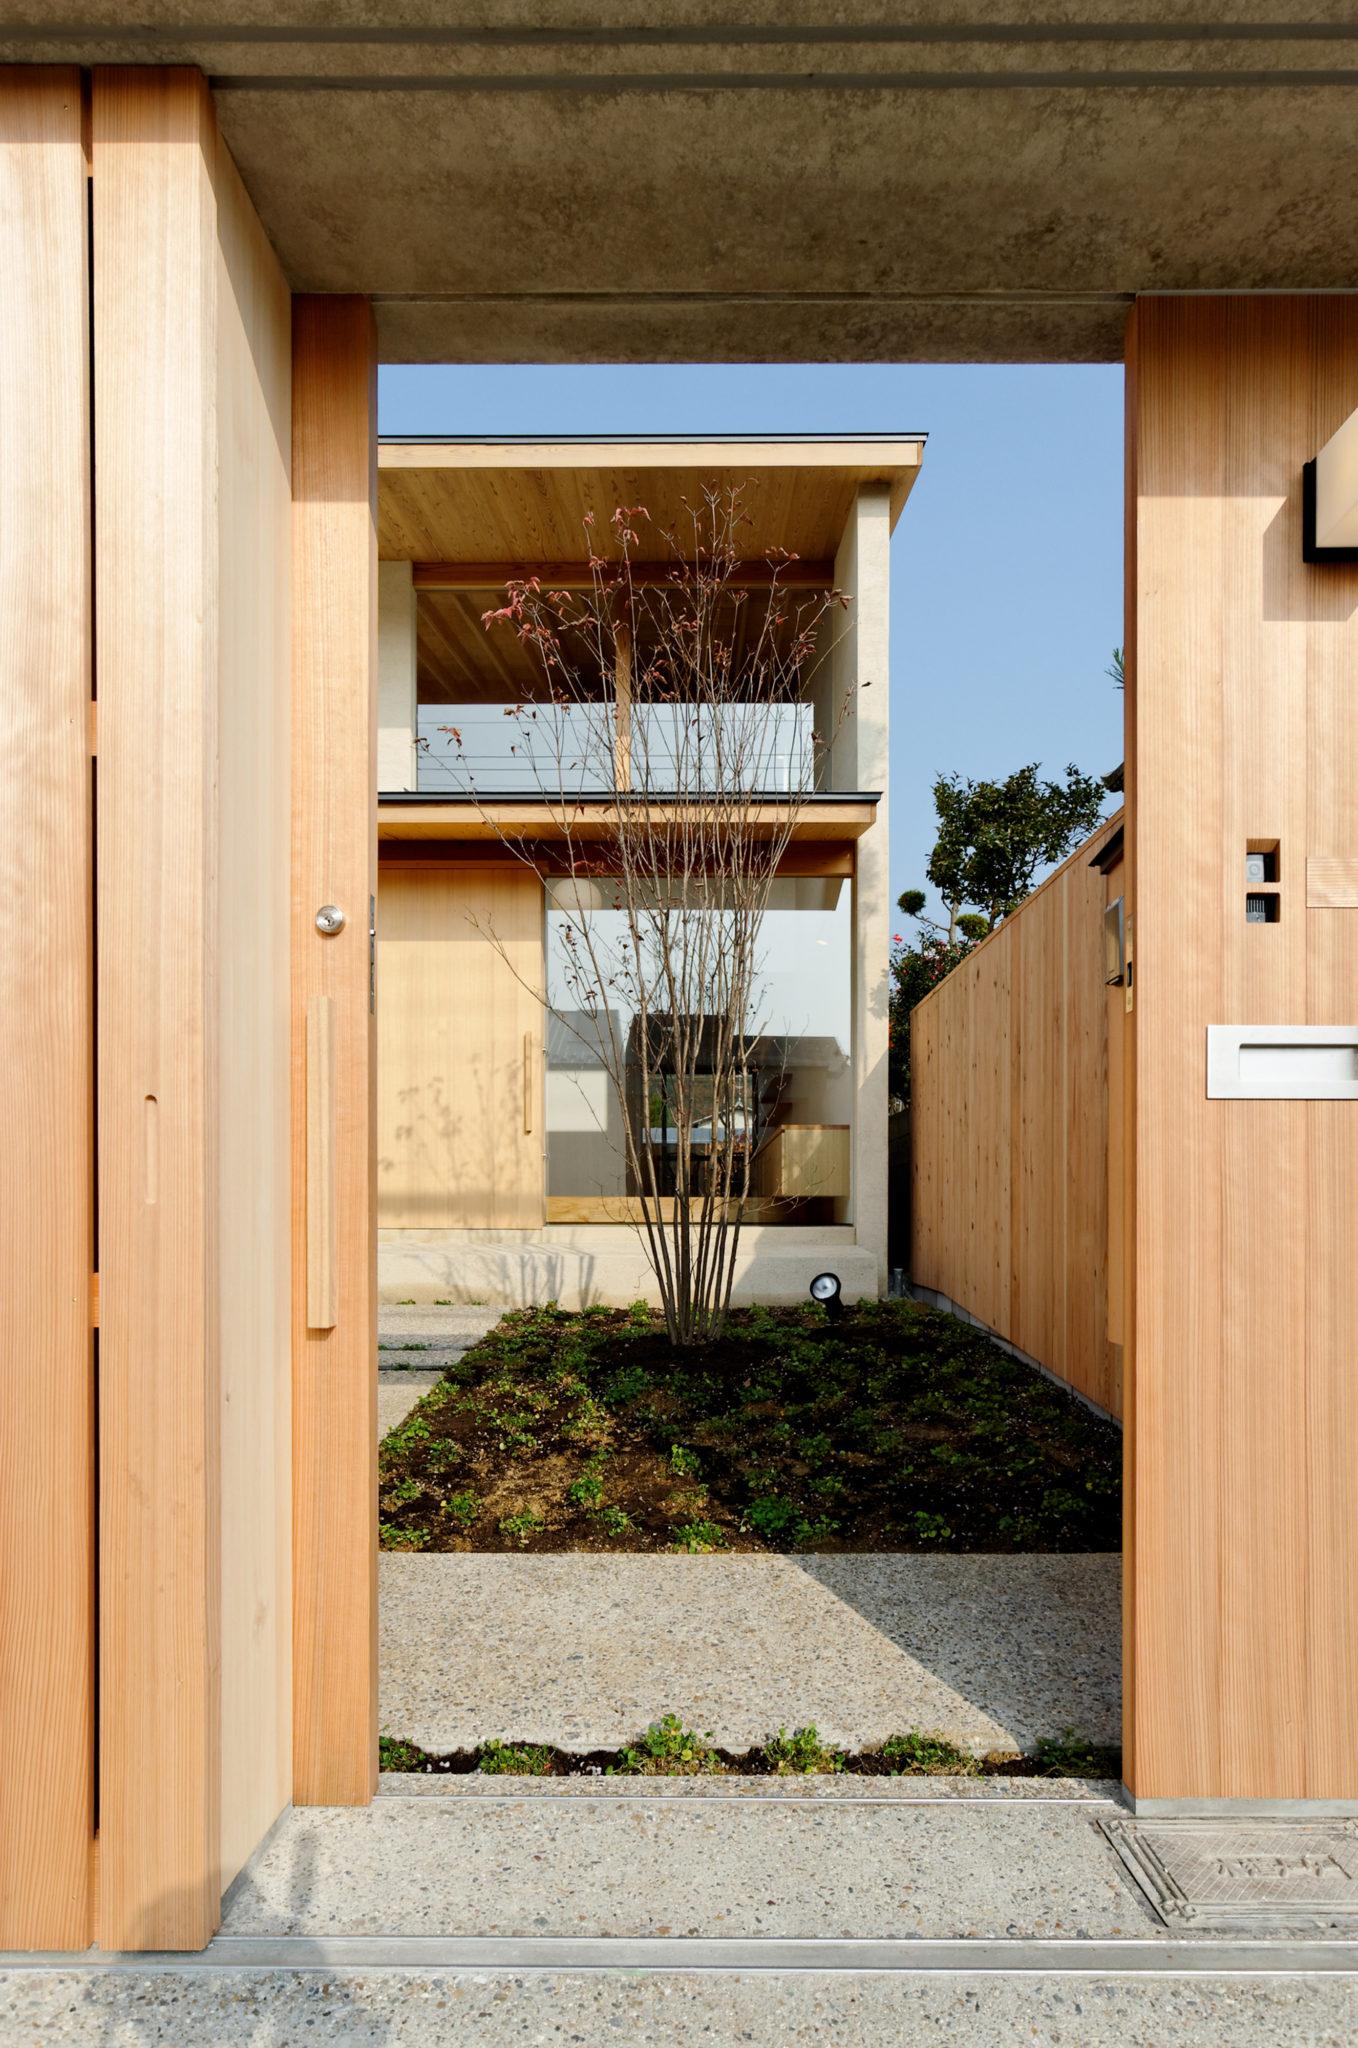 植栽と門でプライバシーを確保できる北山の家入り口